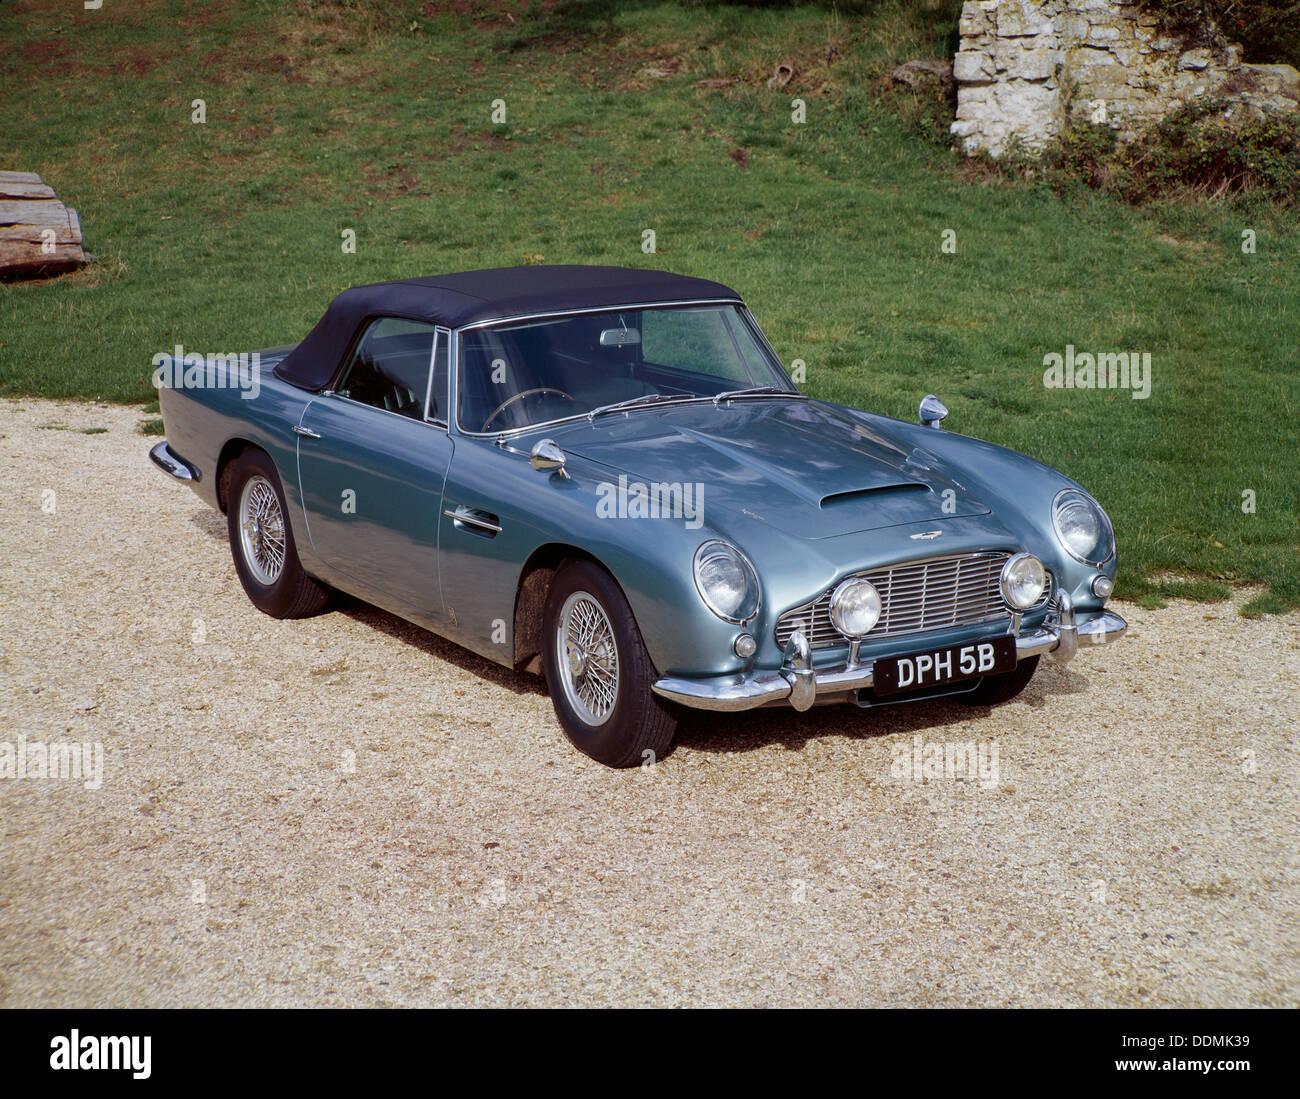 Aston Martin Db Stock Photos Aston Martin Db Stock - 1964 aston martin for sale